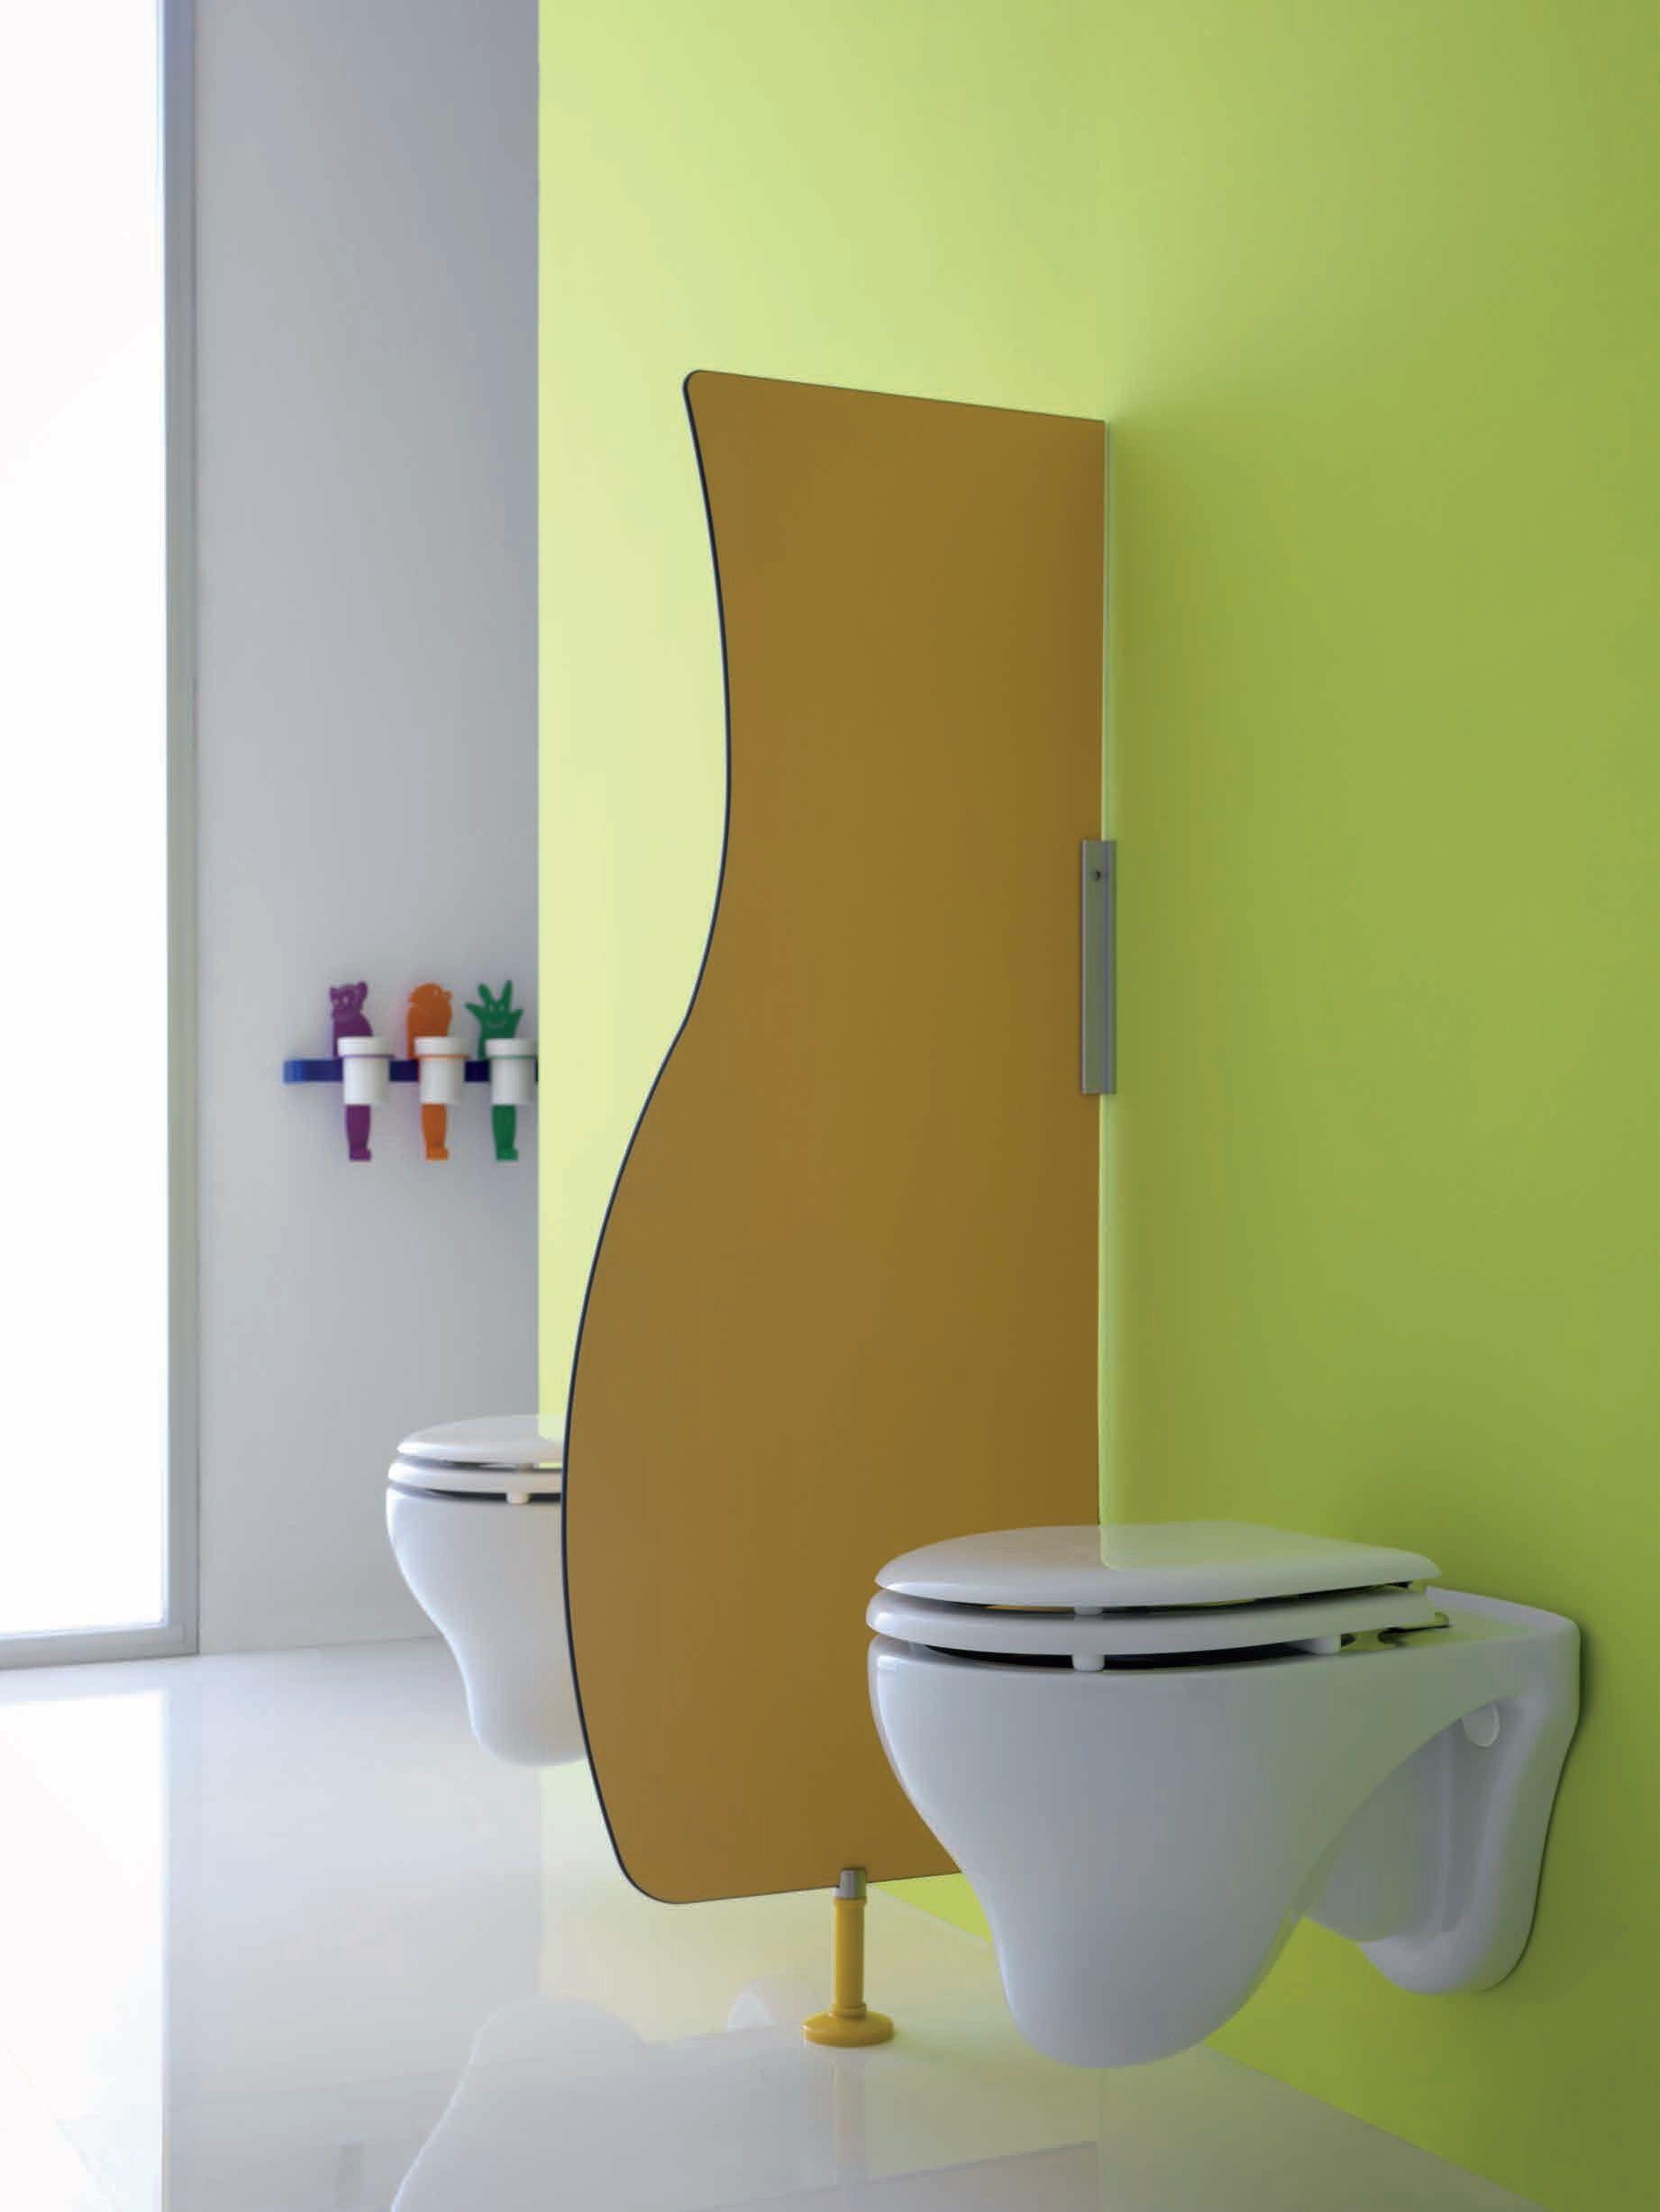 banheiro em HPL BAGNOCUCCIOLO® MILLEPIEDI Divisória para banheiro #839734 1842 2455